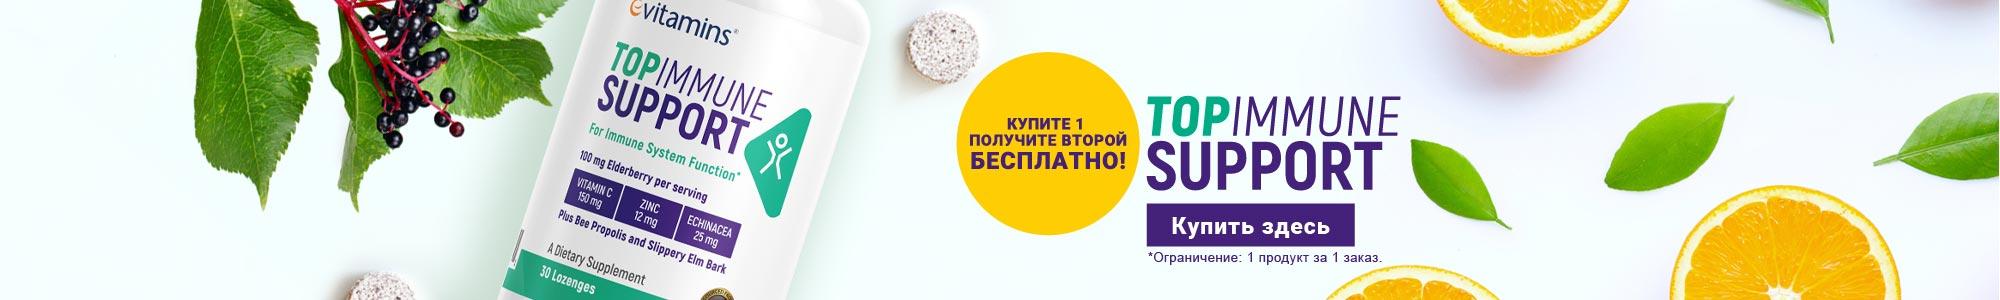 Купите одну вещь, получите вторую БЕСПЛАТНО! eVitamins Top Immune Support. КУПИТЬ ЗДЕСЬ.